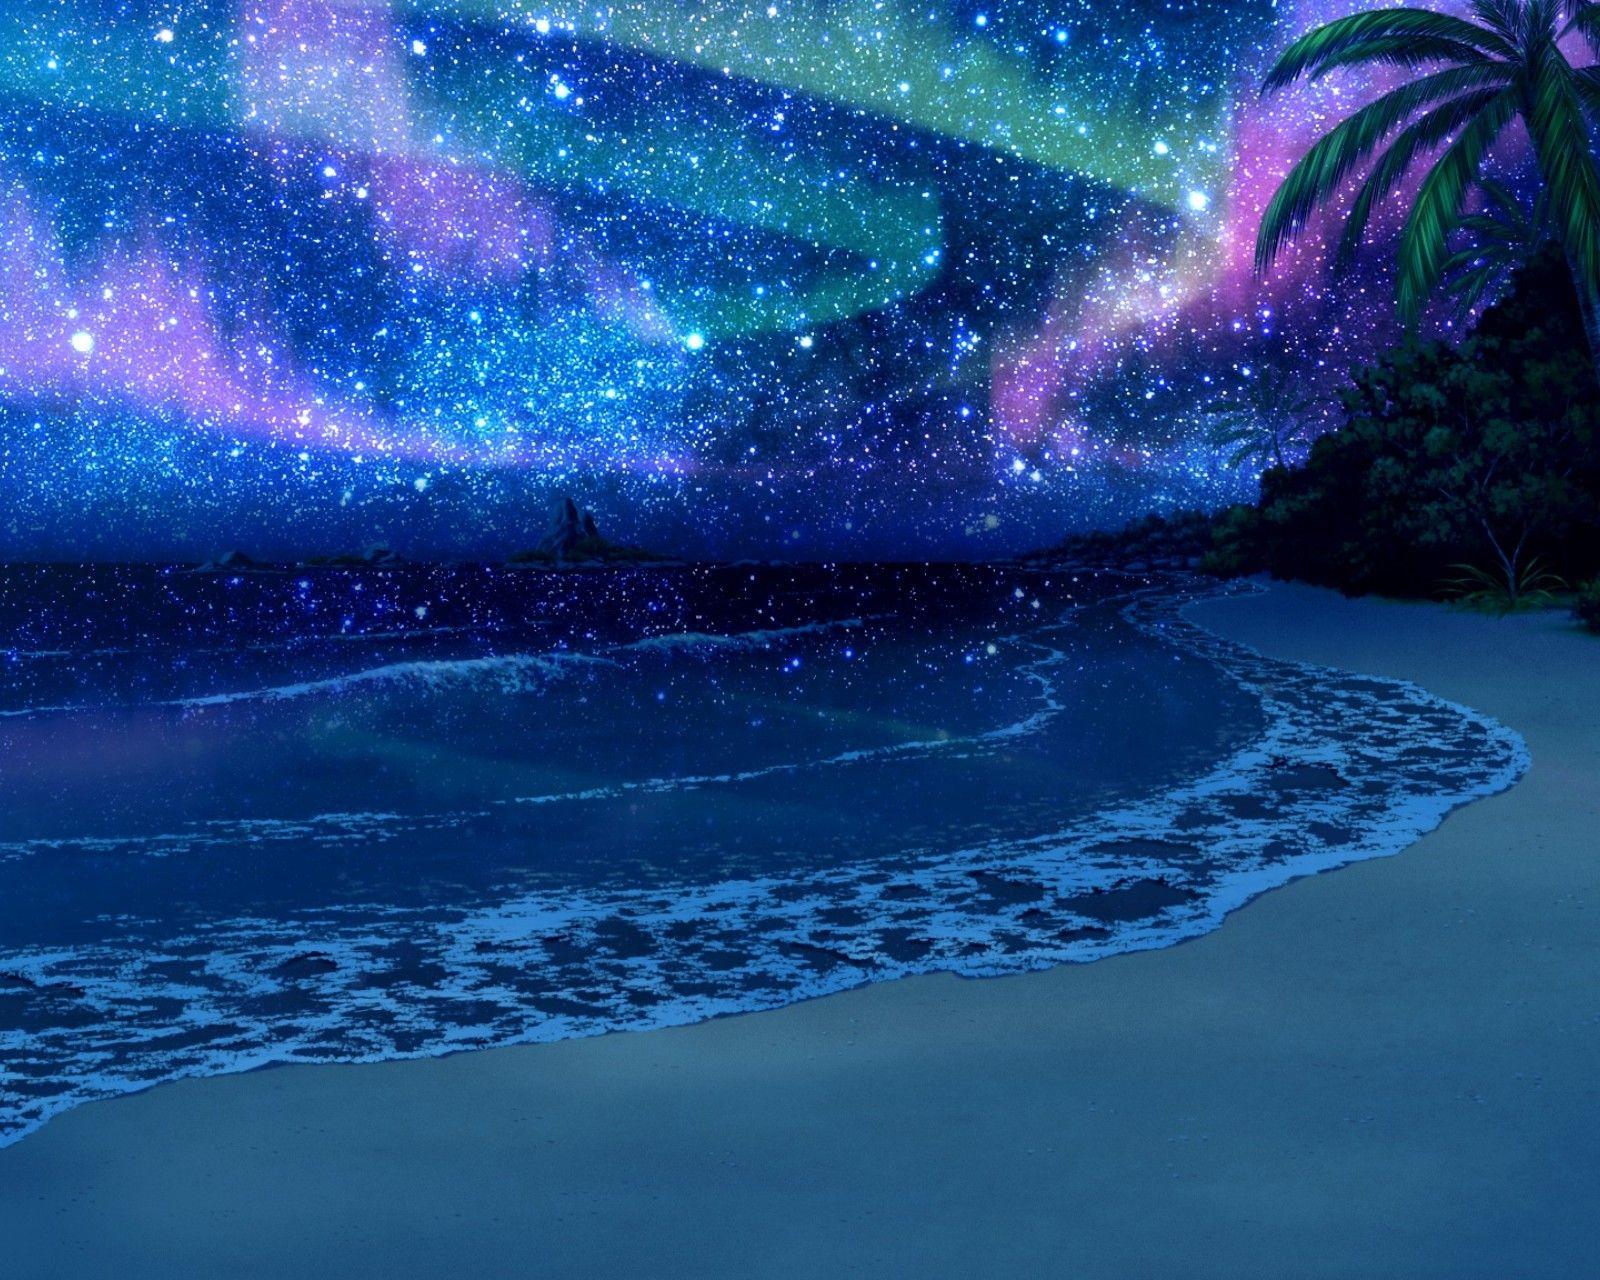 宇宙之神的夢幻美麗世界 宇宙之神的夢幻美麗世界 Pinterest Scenery